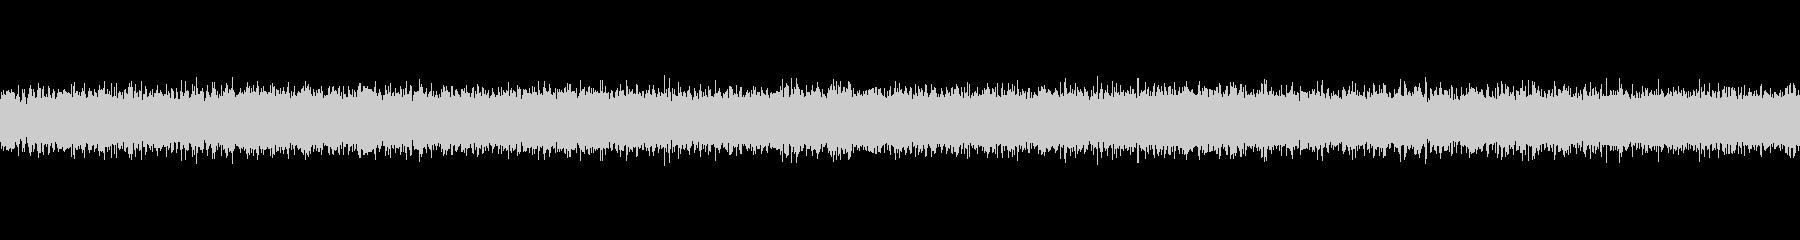 【生録音】ループで使える秋の虫の声 4の未再生の波形